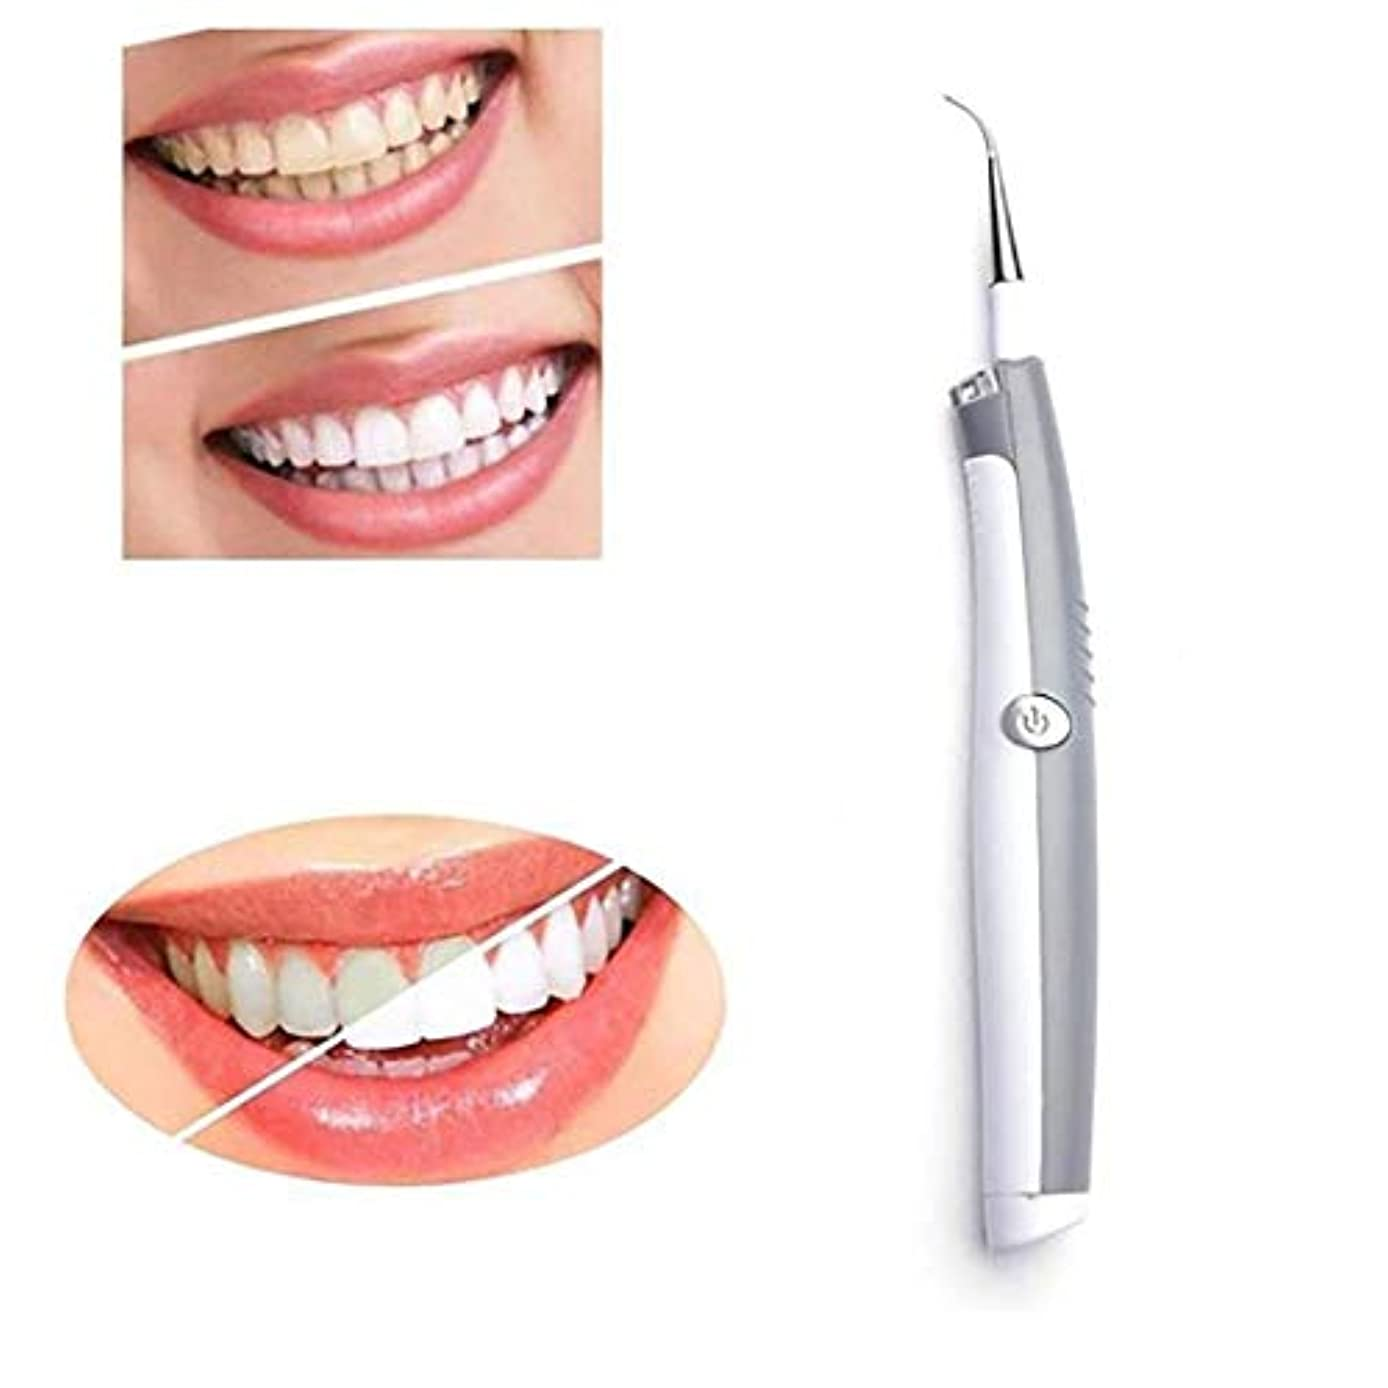 絶滅したメンター偏差LEDライト付き電動歯クリーナーエレクトリック歯石の除去ホワイトニング歯科クリーニングツール